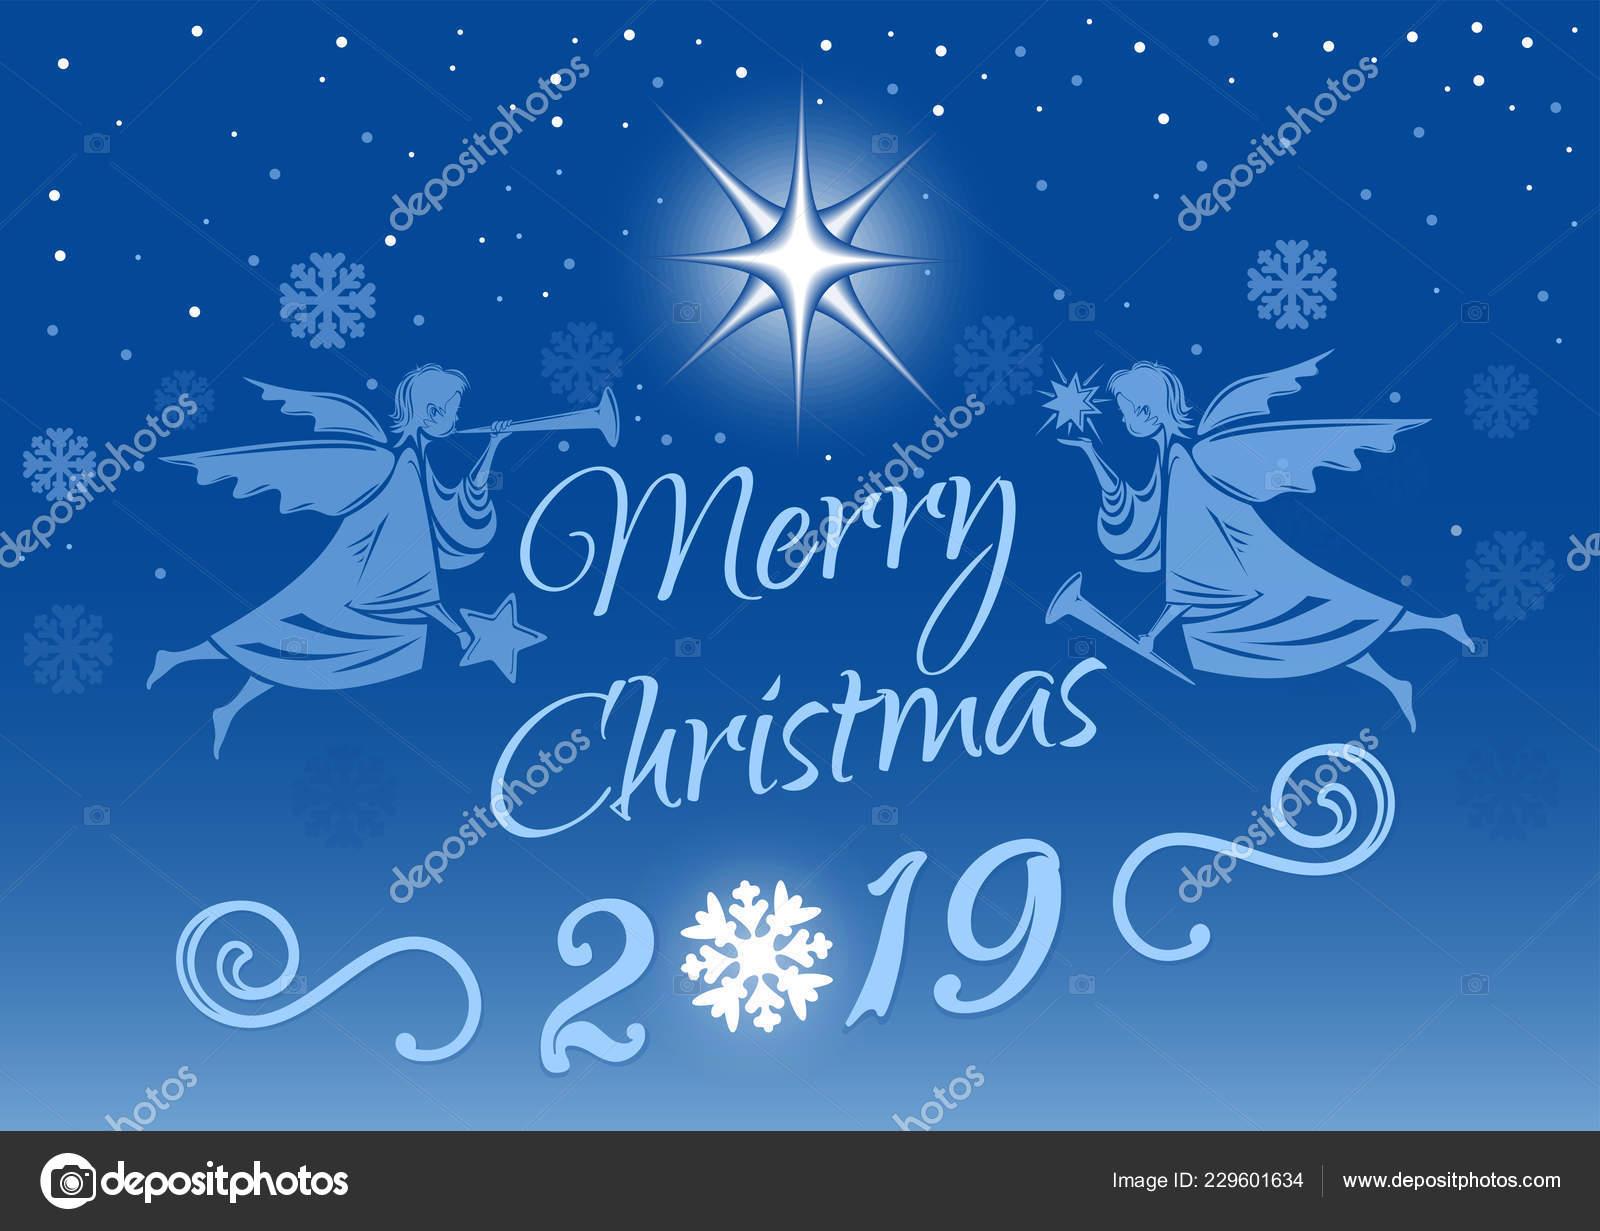 Immagini Auguri Natale 2019.Illustrazione Buon Natale Con Angeli Buon Natale 2019